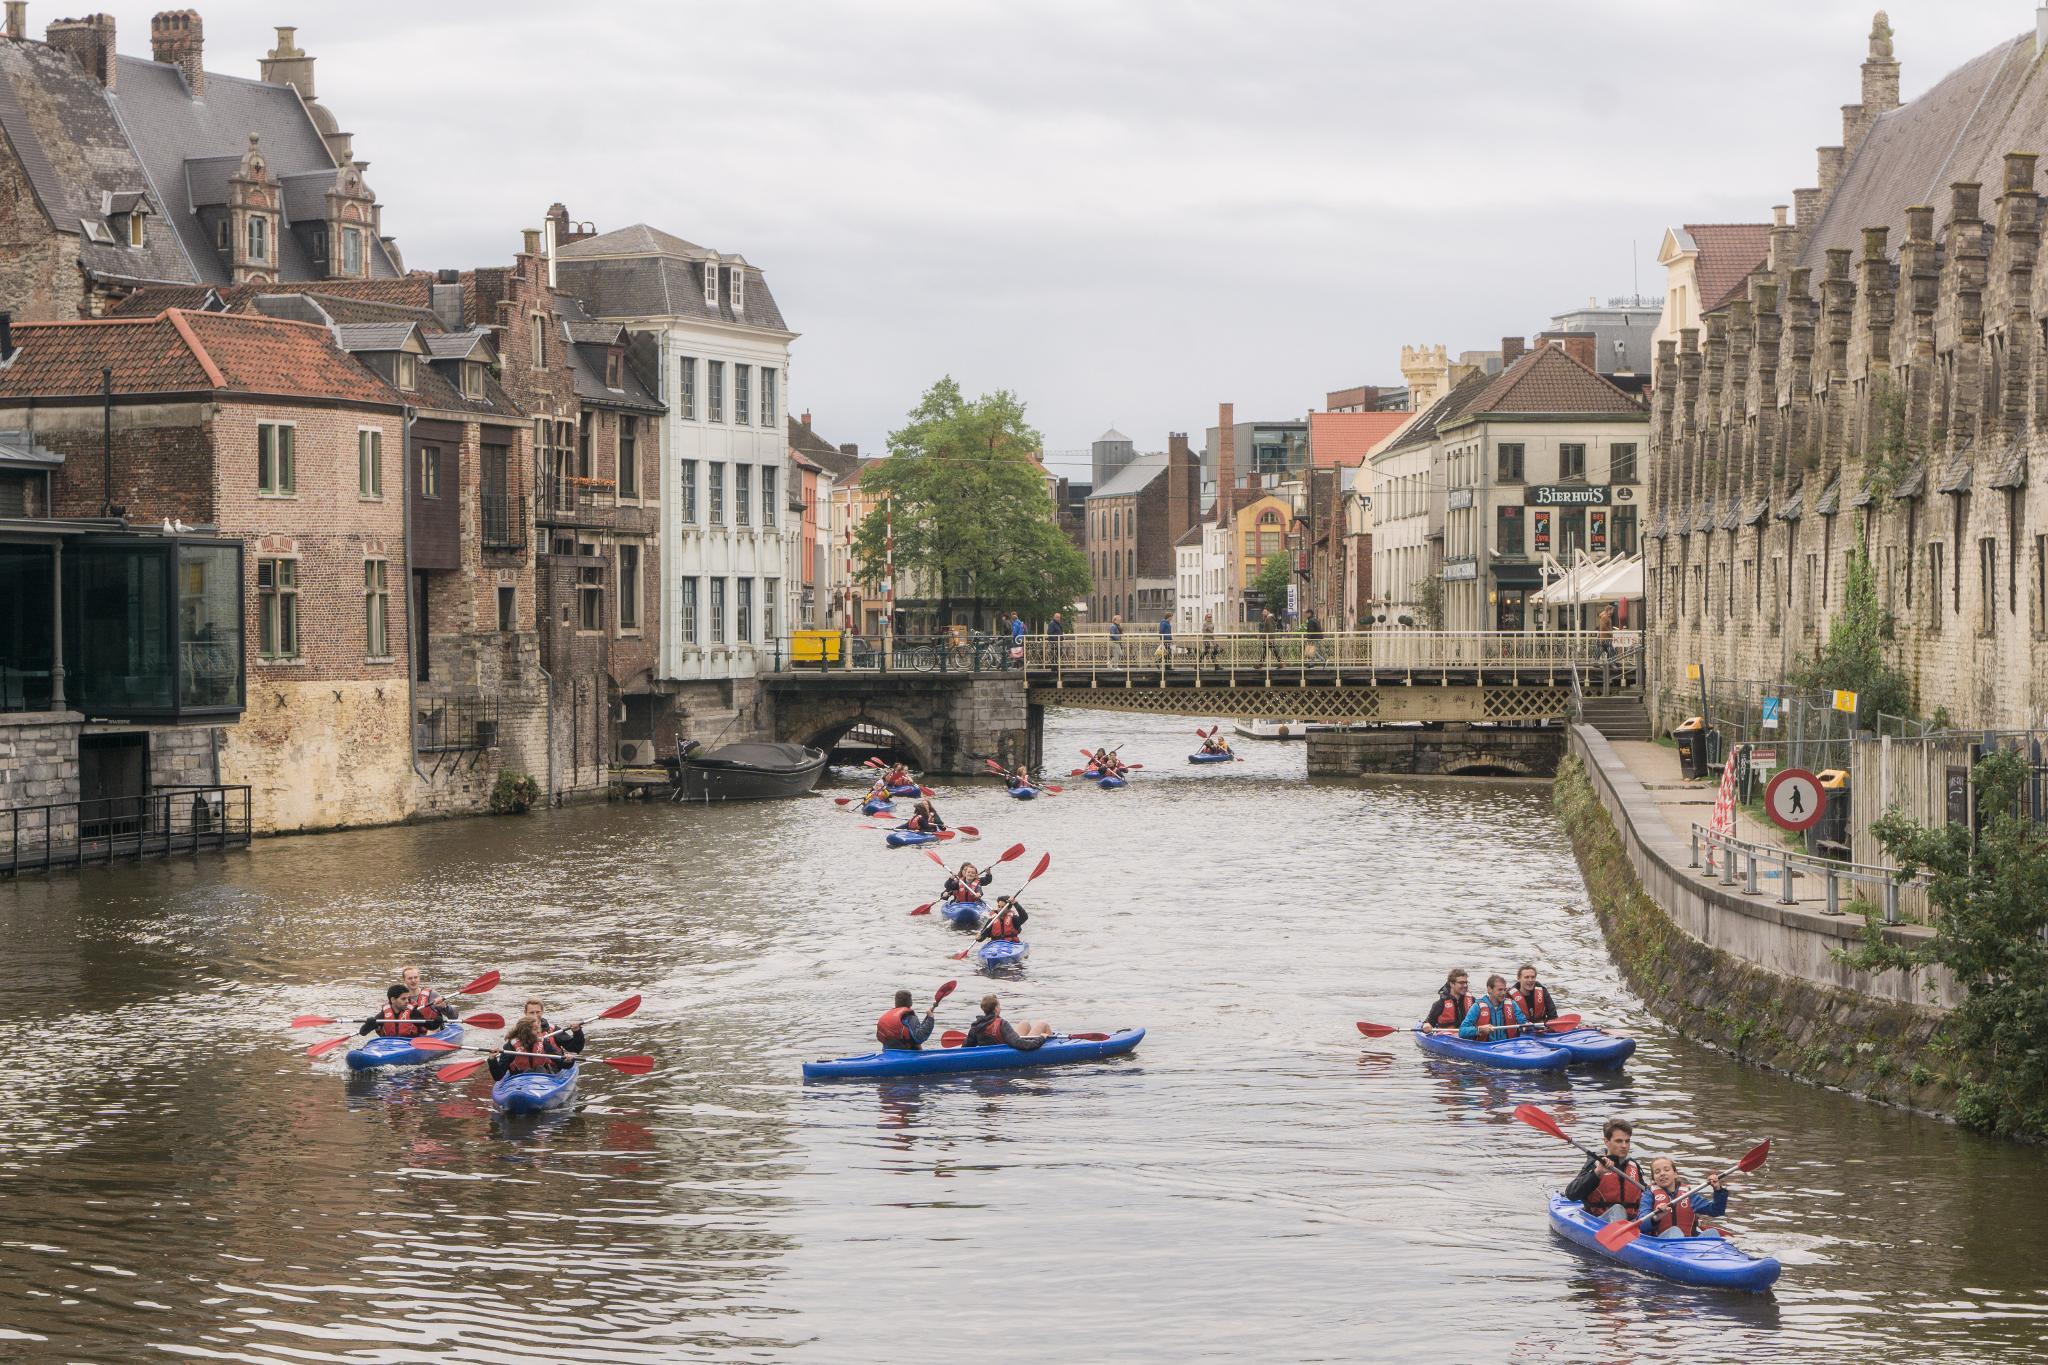 【比利時】穿梭中世紀的大城小事 — 比利時根特 (Ghent) 散步景點總整理 90